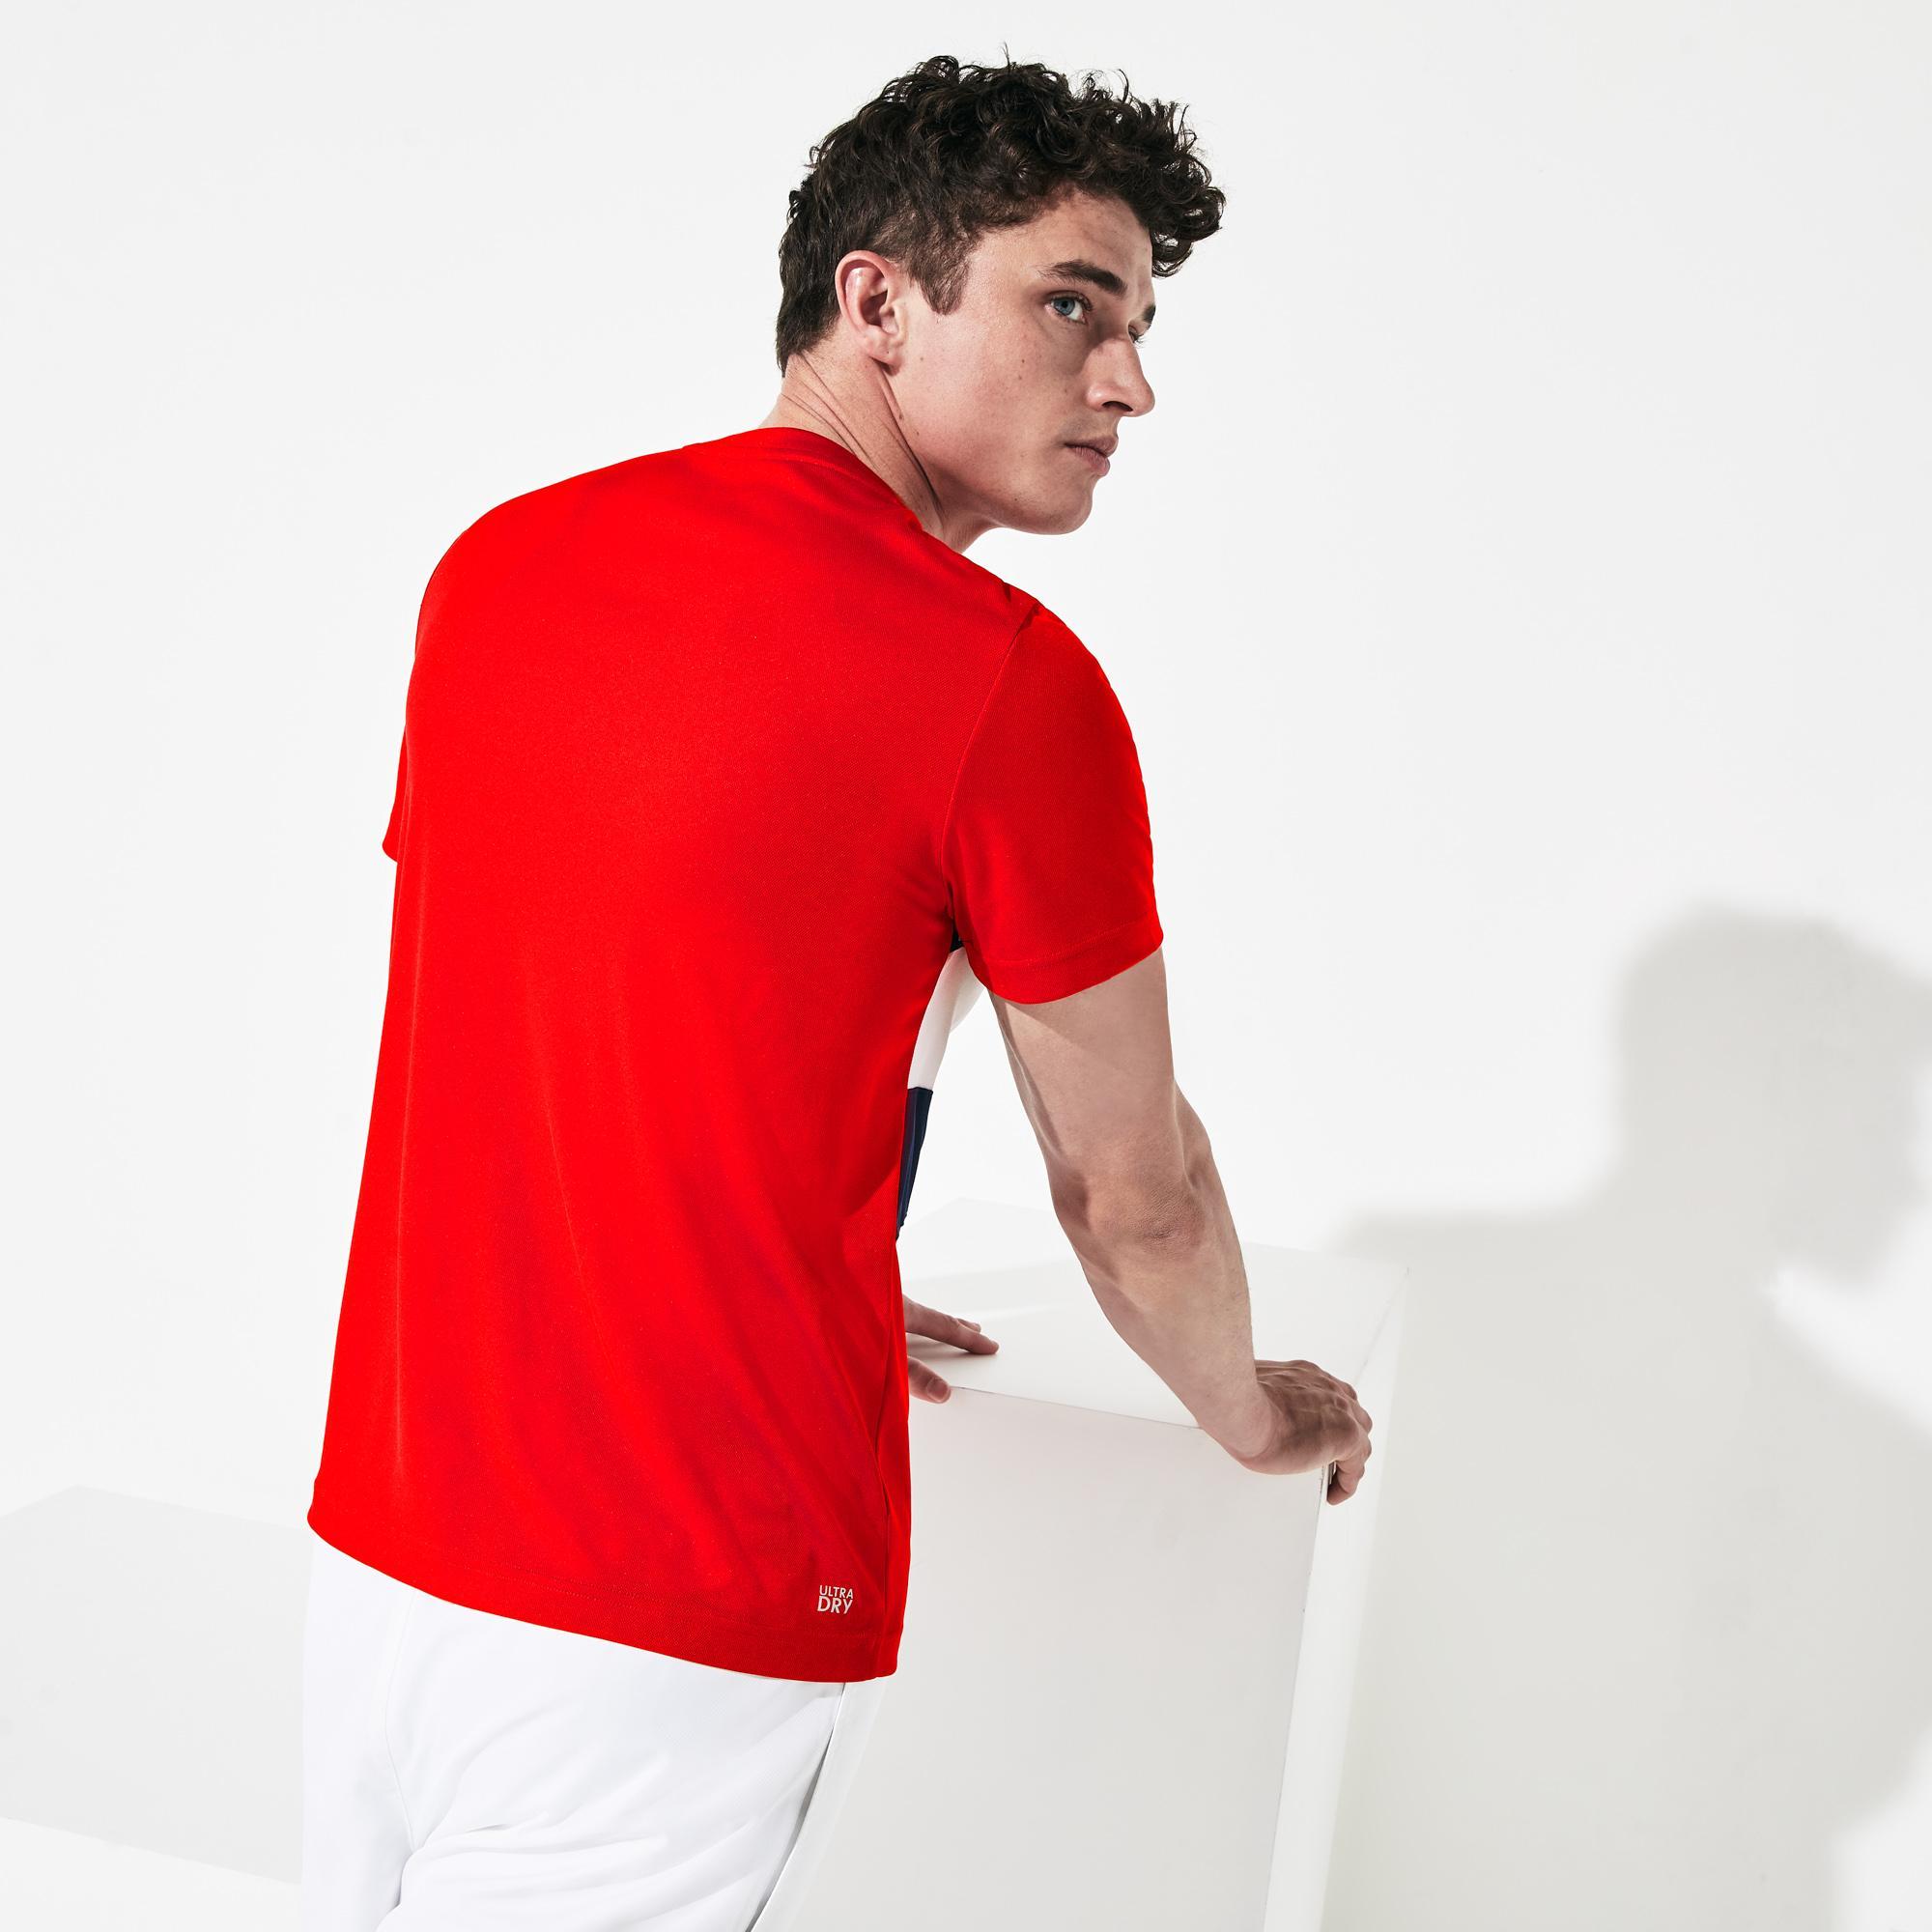 Lacoste Erkek Blok Desenli Lacoste Baskılı Kırmızı T-Shirt